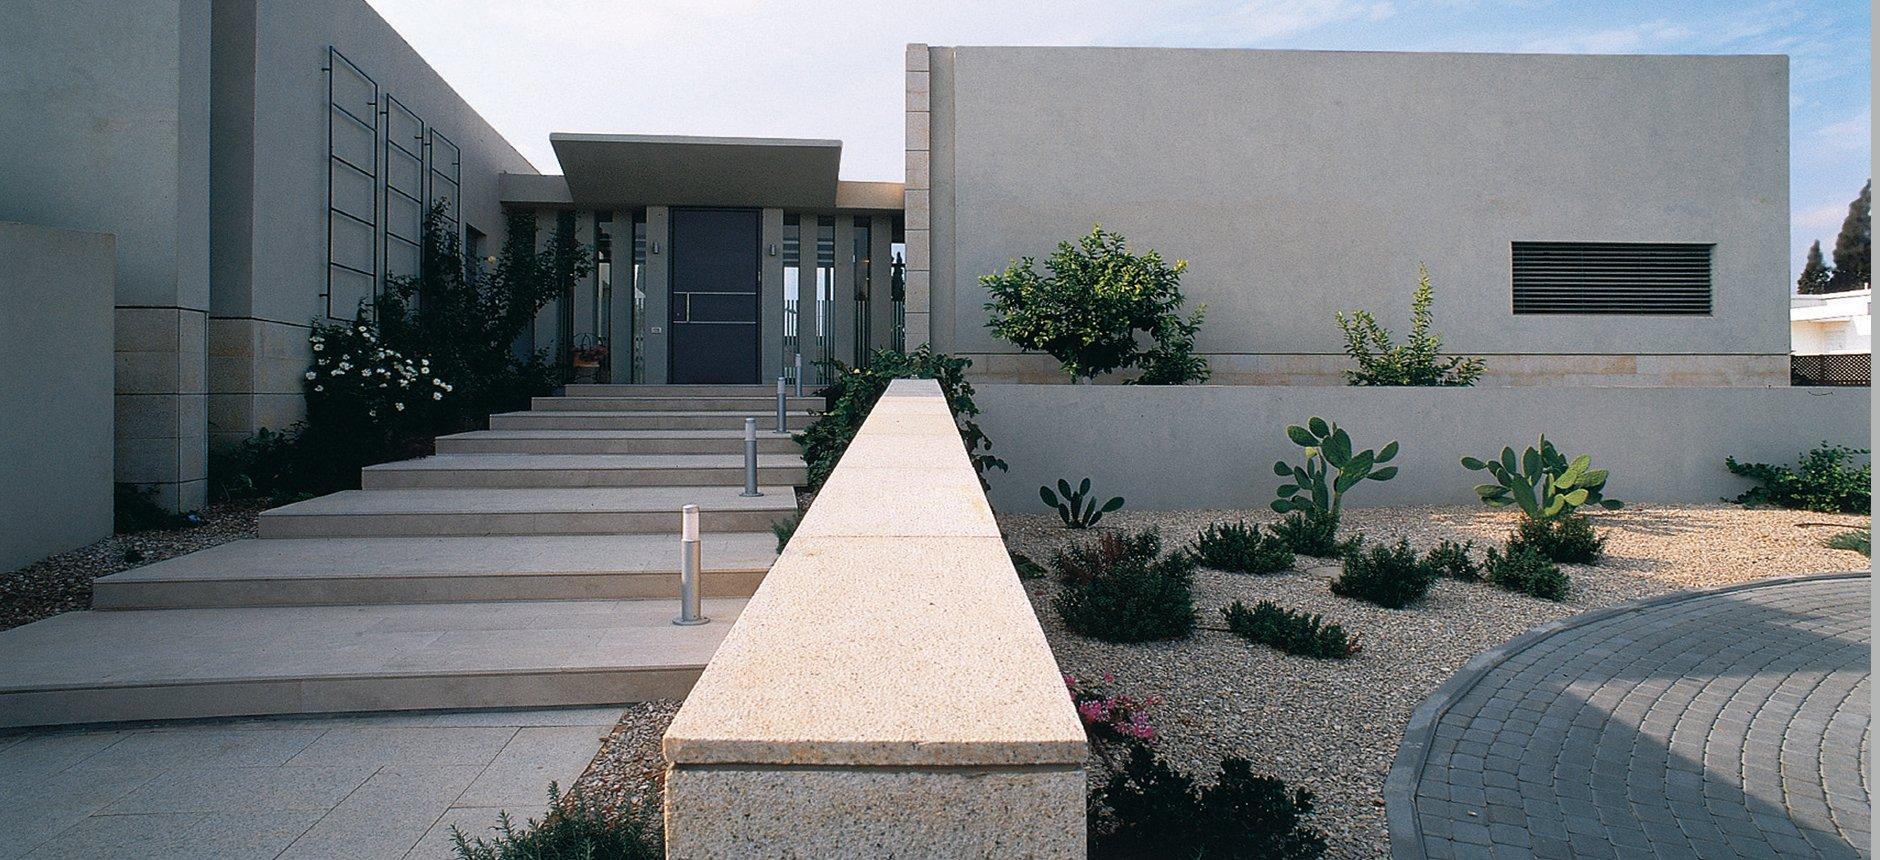 בית הלוי - בניה פרטית - אדריכלות וילות.